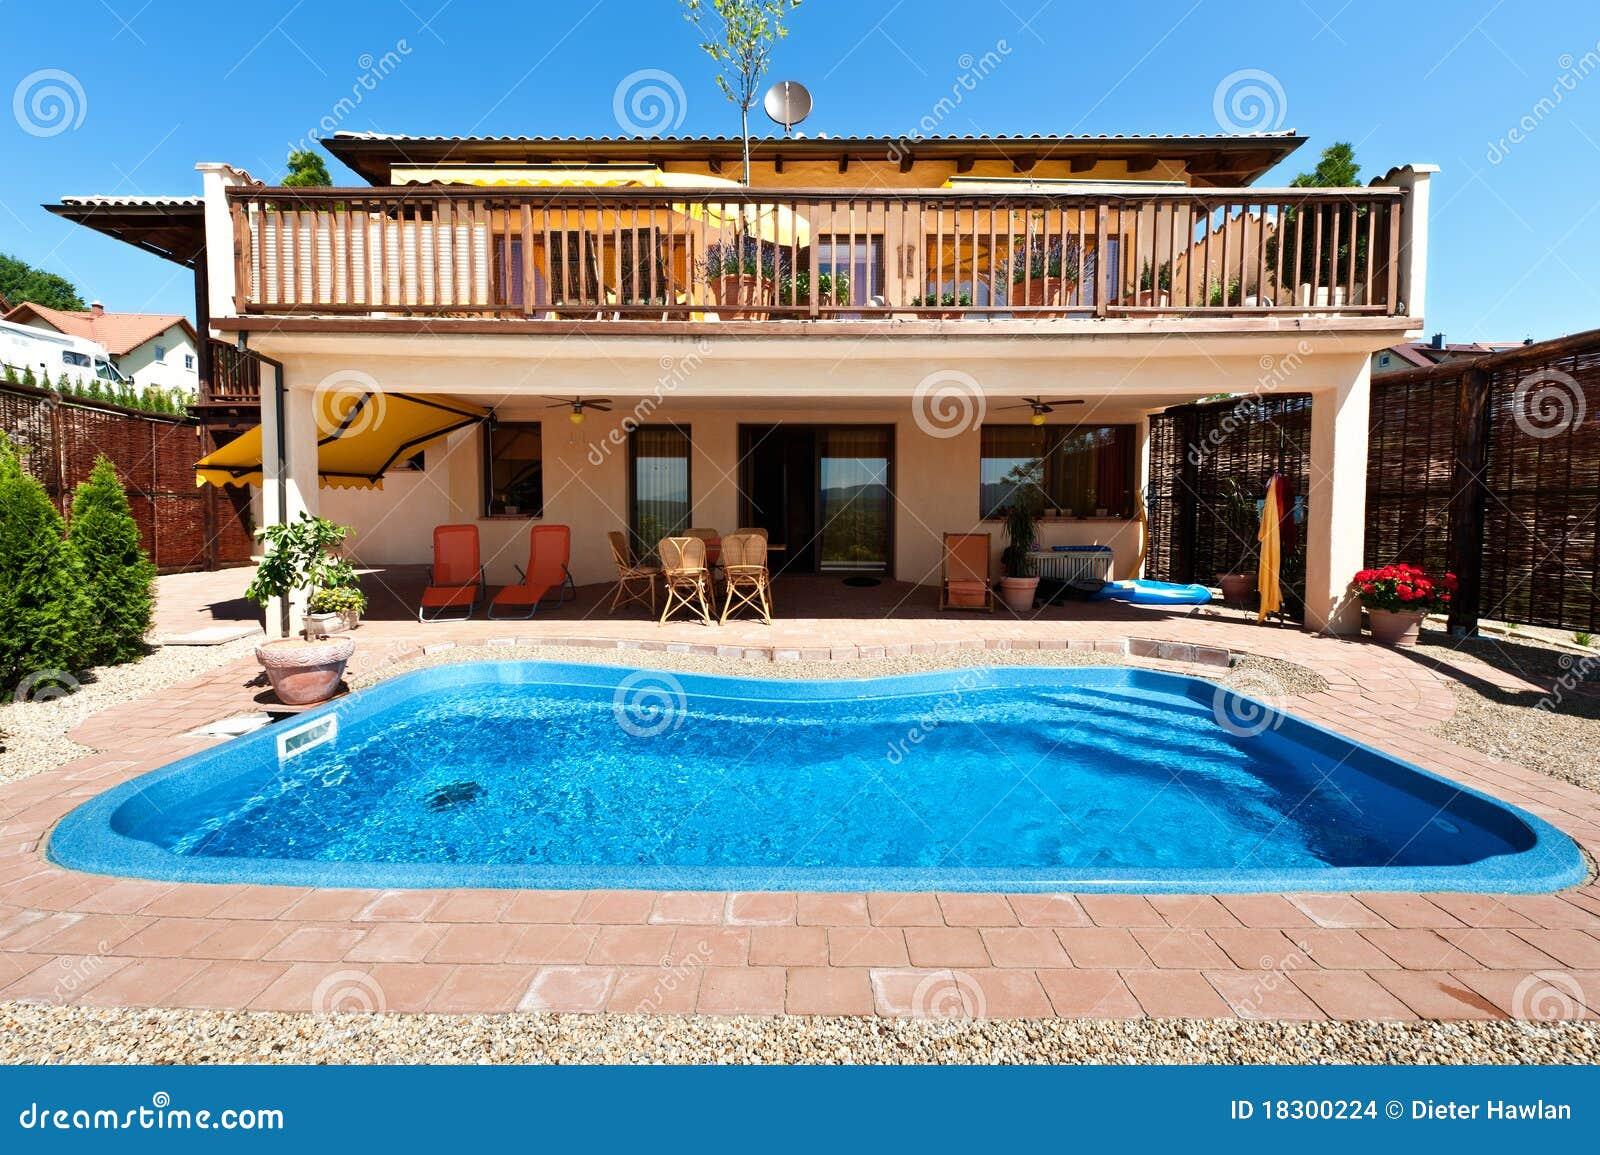 Casa y piscina imagenes de archivo imagen 18300224 - Piscina para casa ...